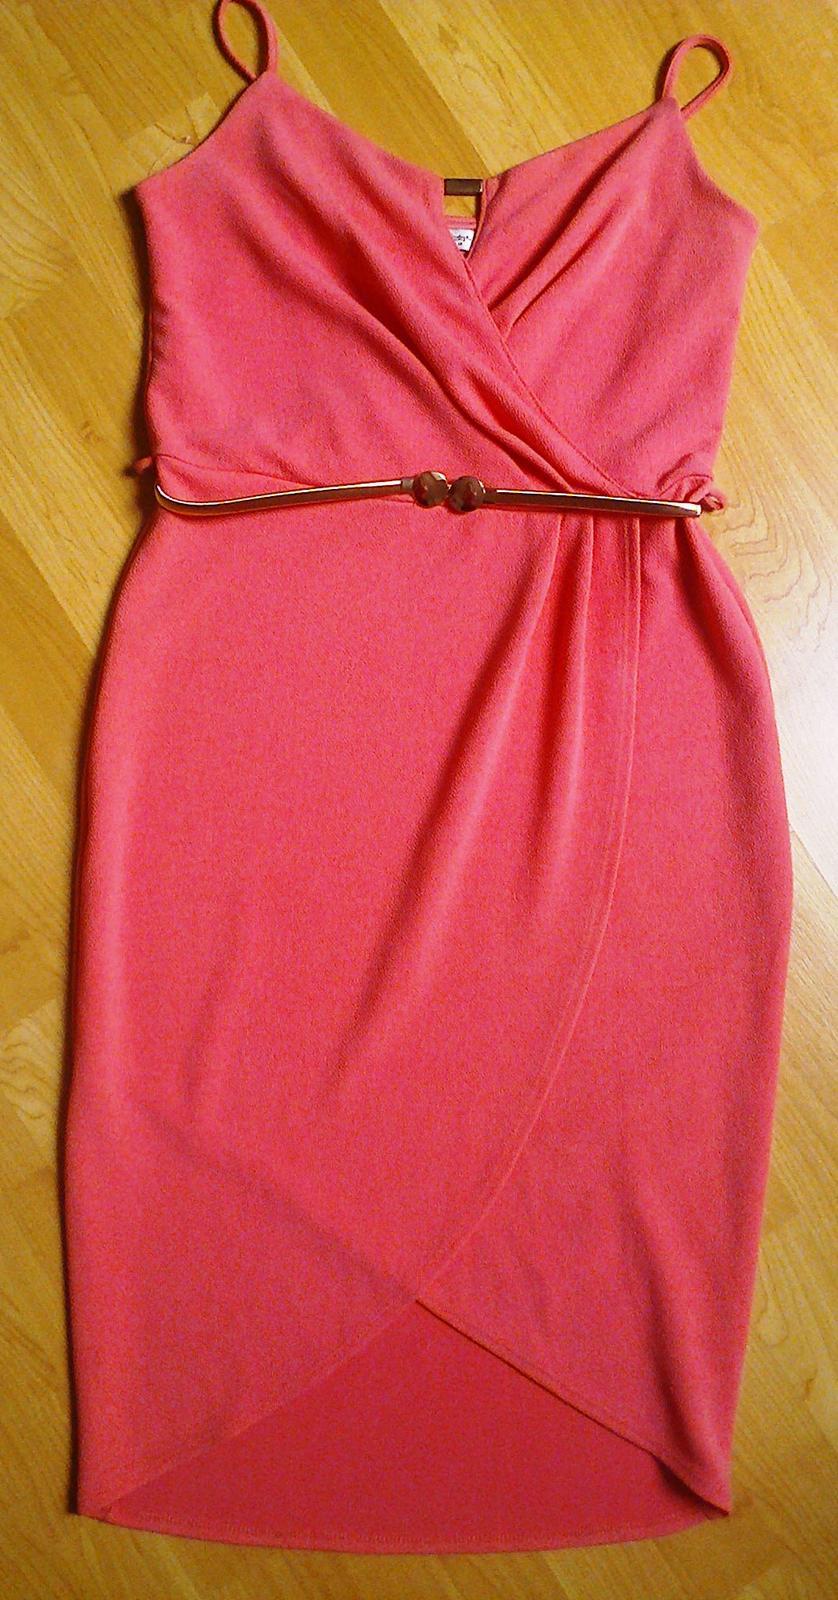 Tulipánové šaty s páskem - Obrázek č. 2